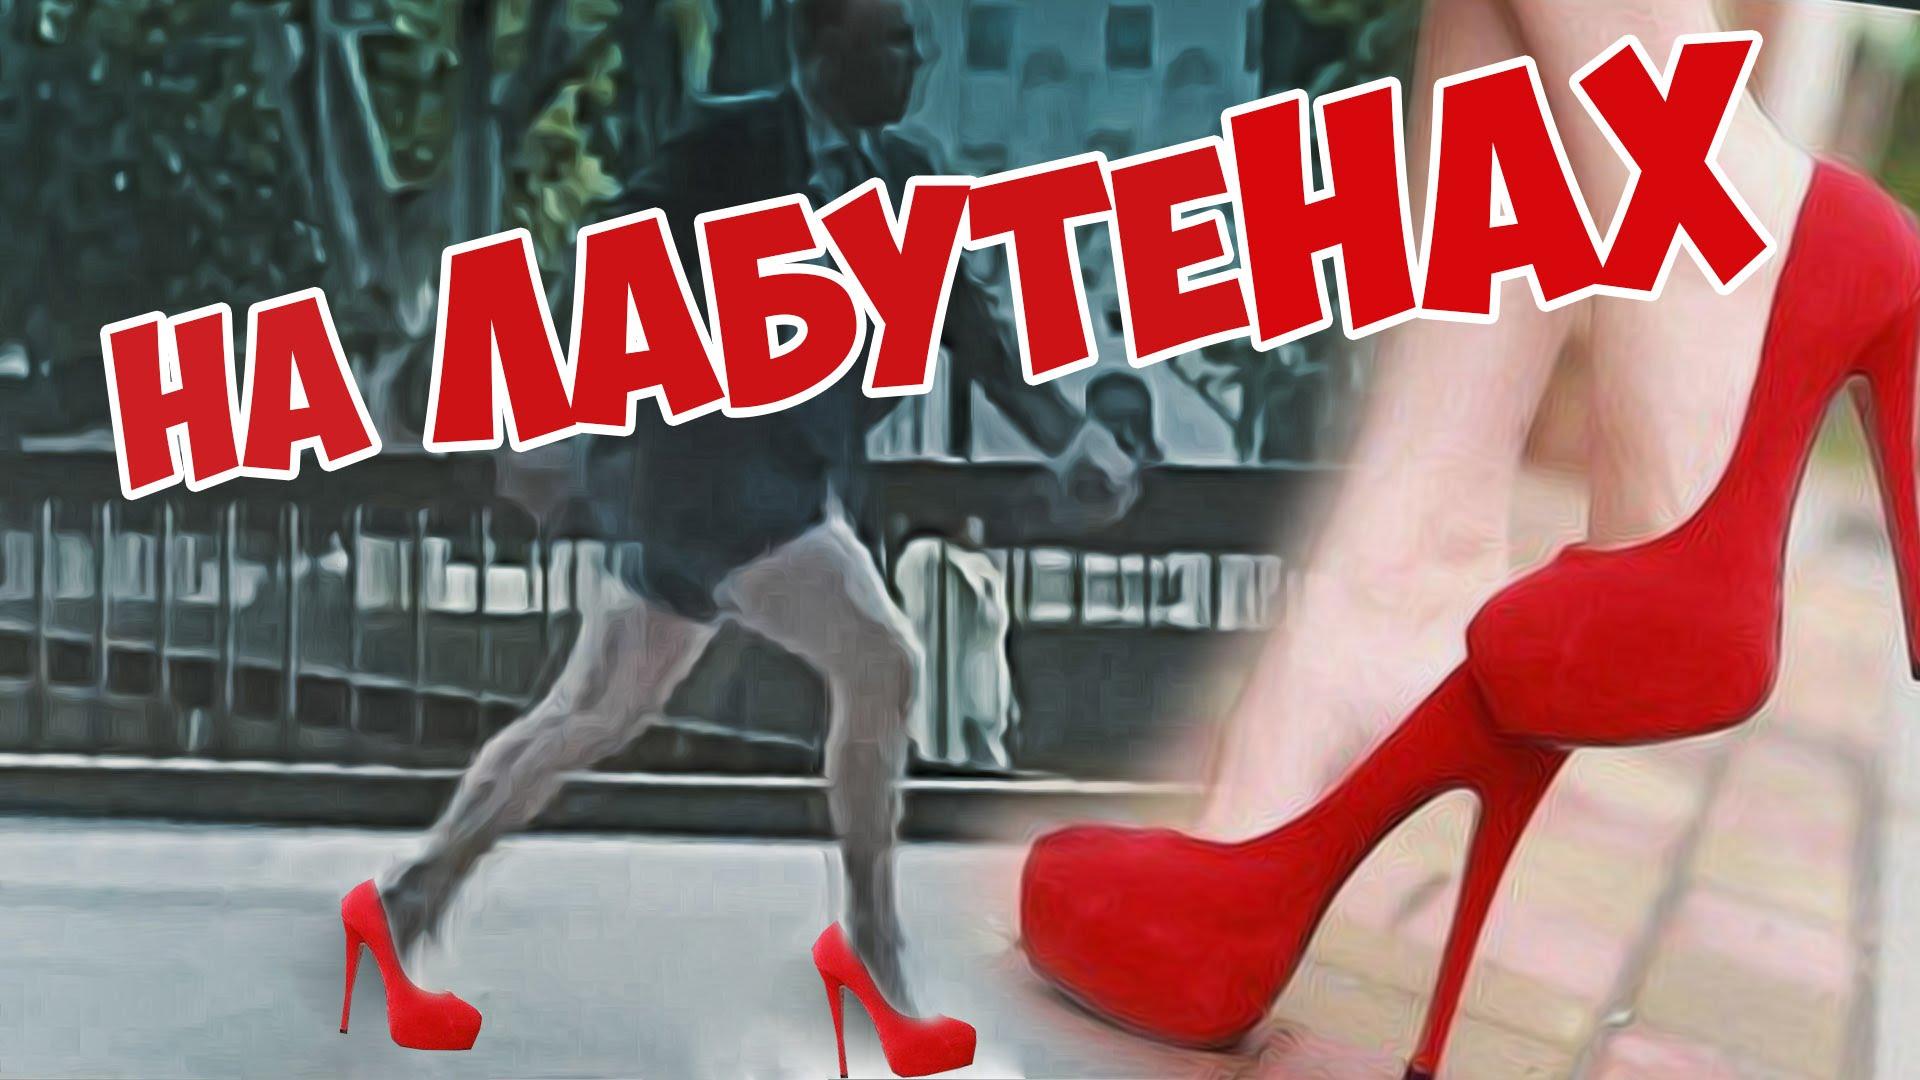 «На лабутенах»: шоковані іноземці діляться враженнями про кліп «Ленінграда» (ВІДЕО)